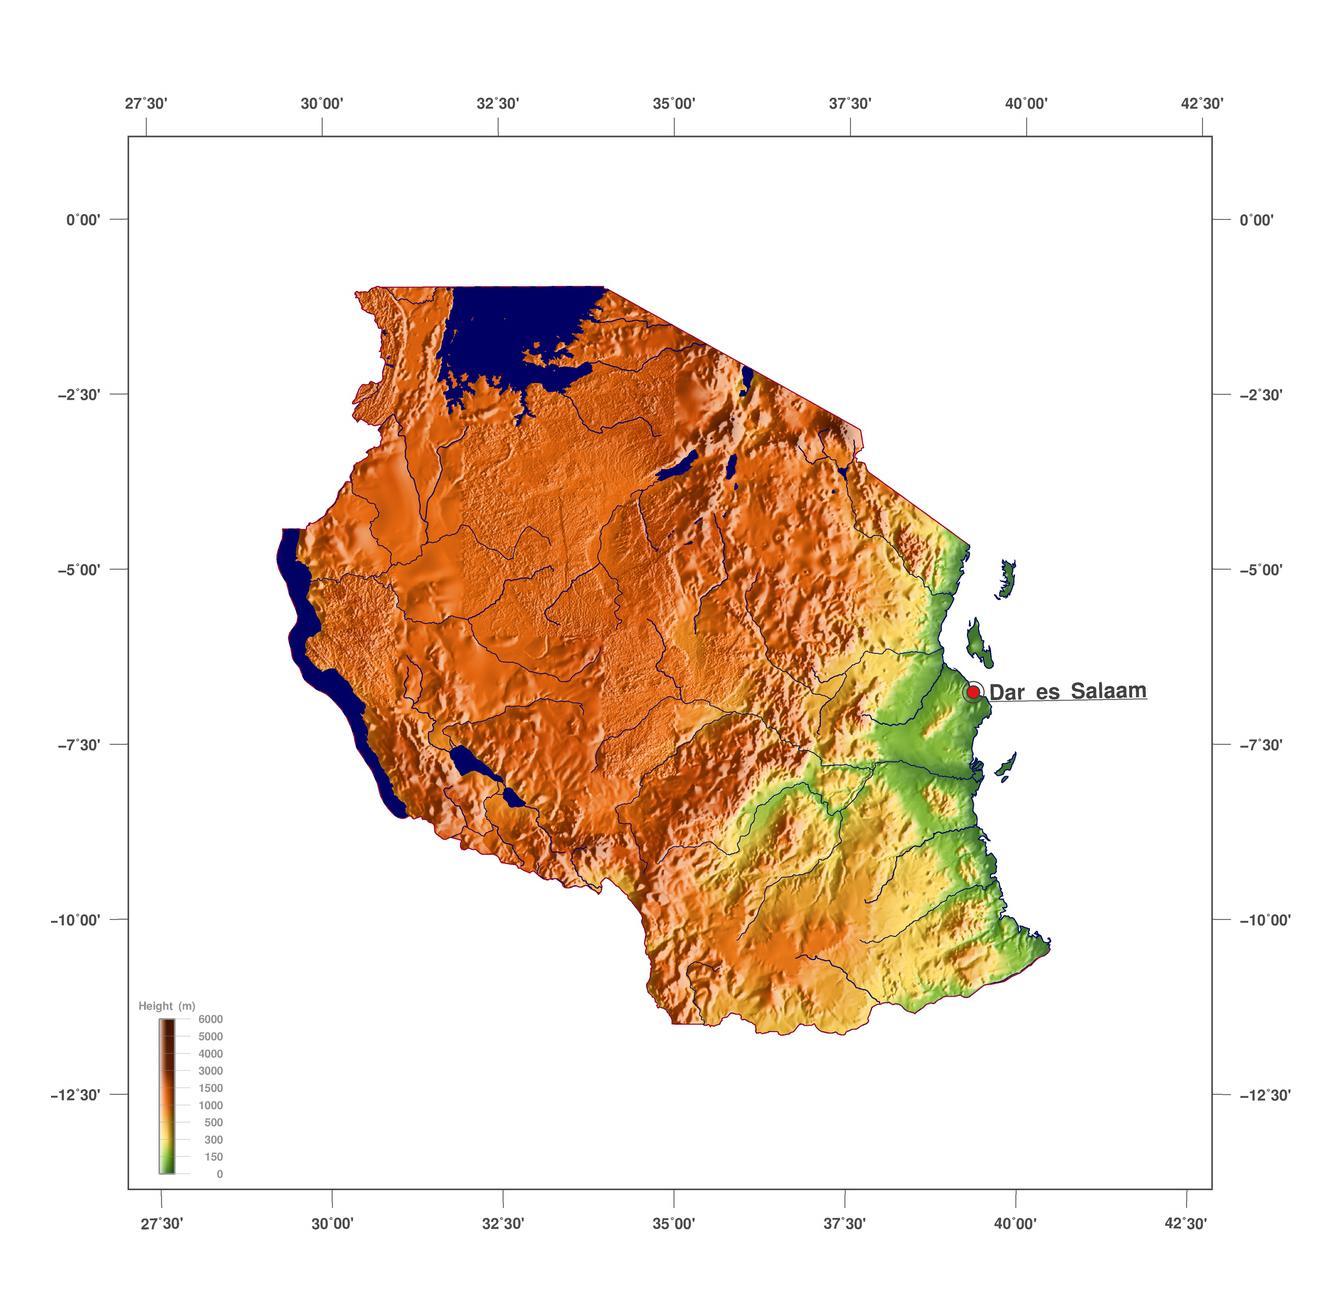 Tanzanie Vyskova Mapa Mapa Tanzanie Nadmorska Vyska Vychodni